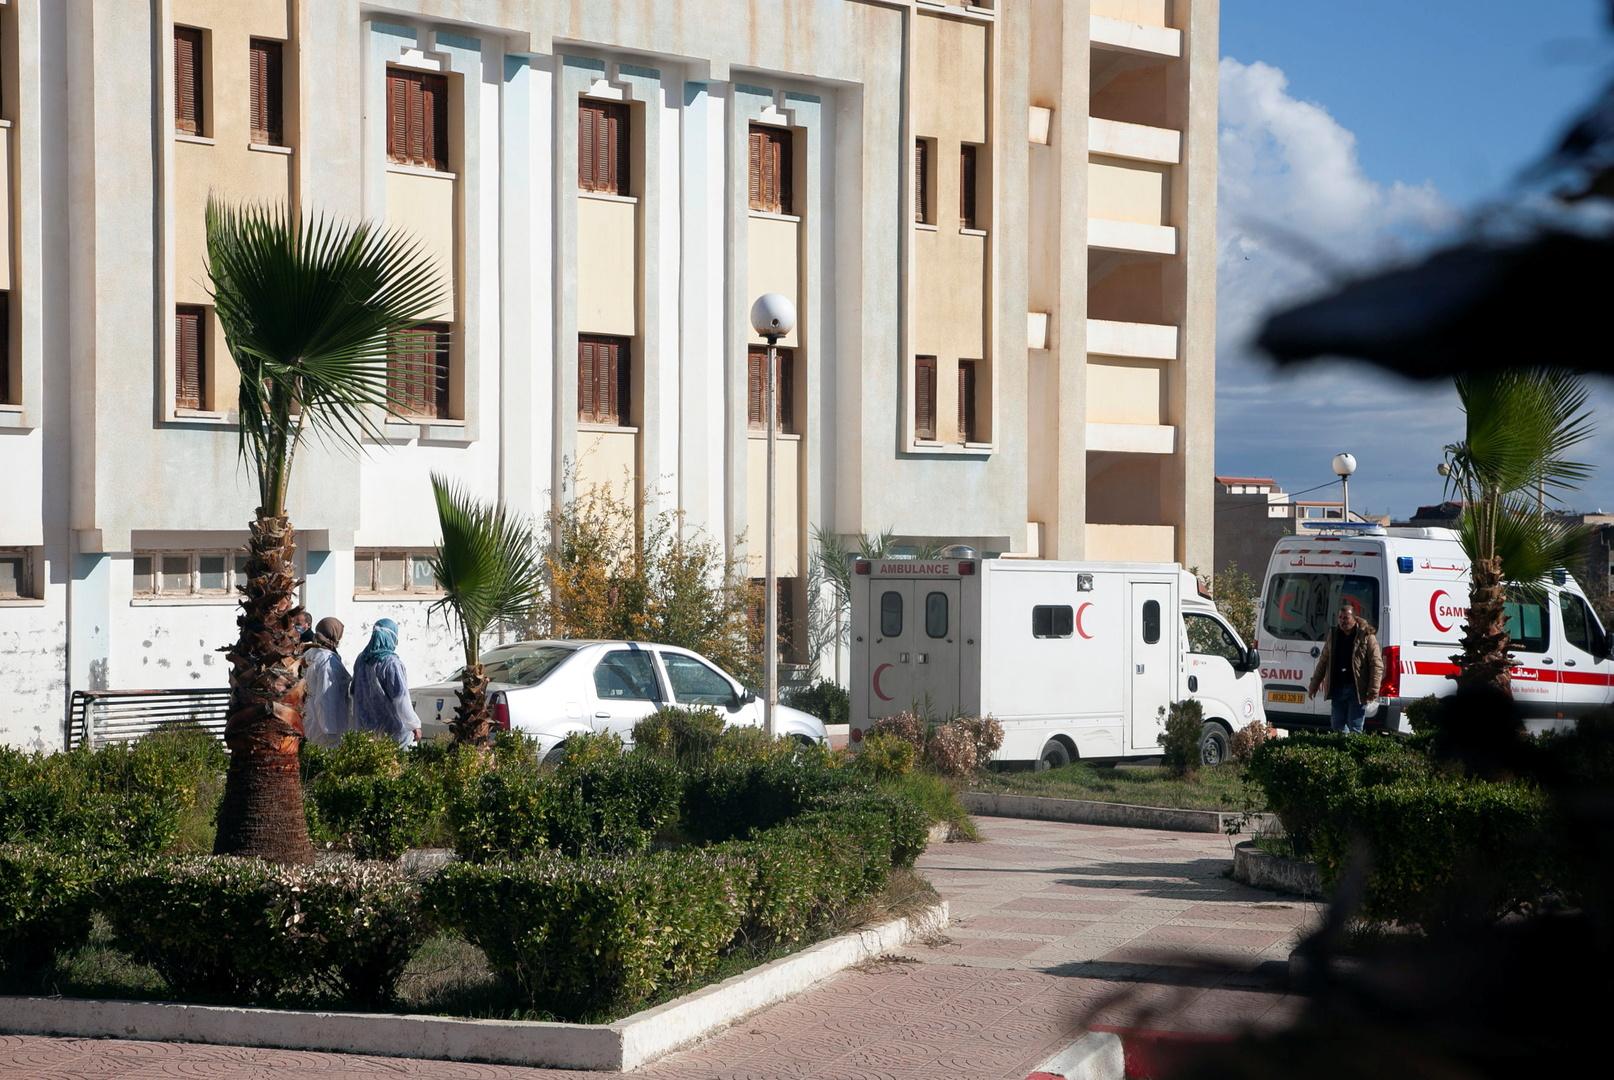 الجزائر.. وفاة مرضى بسبب نفاد الأكسجين